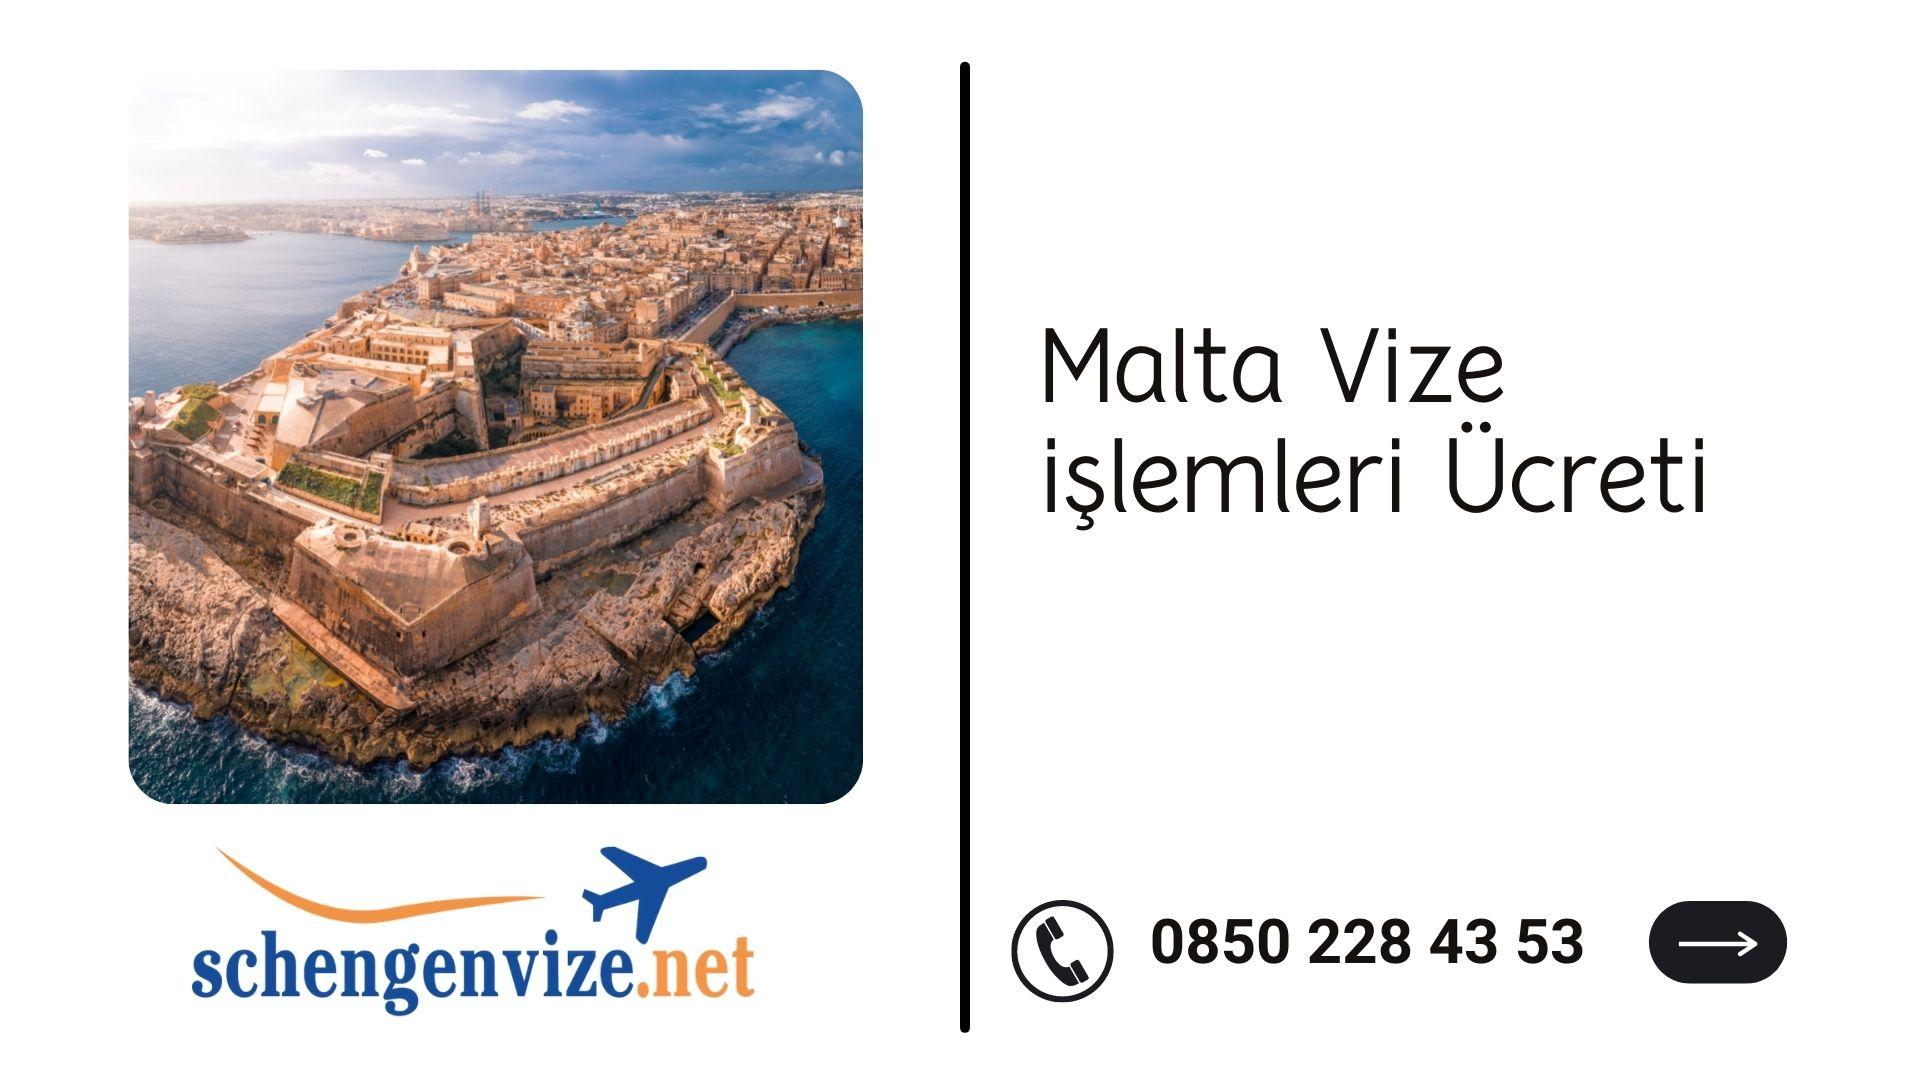 Malta Vize işlemleri Ücreti